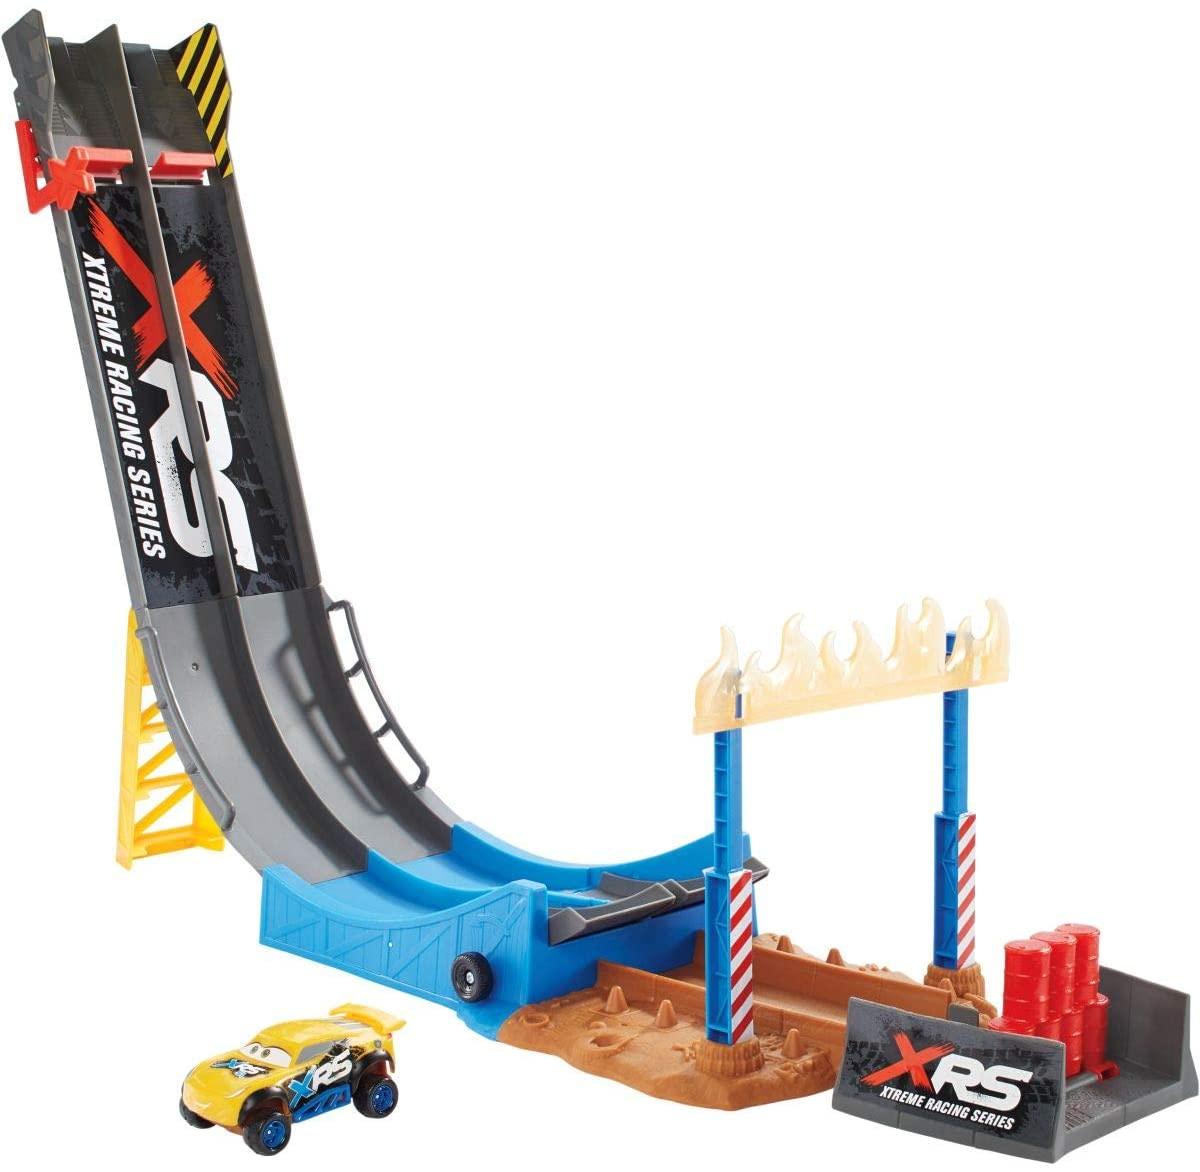 Pista Acrobacias Xtremas Salto no Ar Carros 3 - Mattel